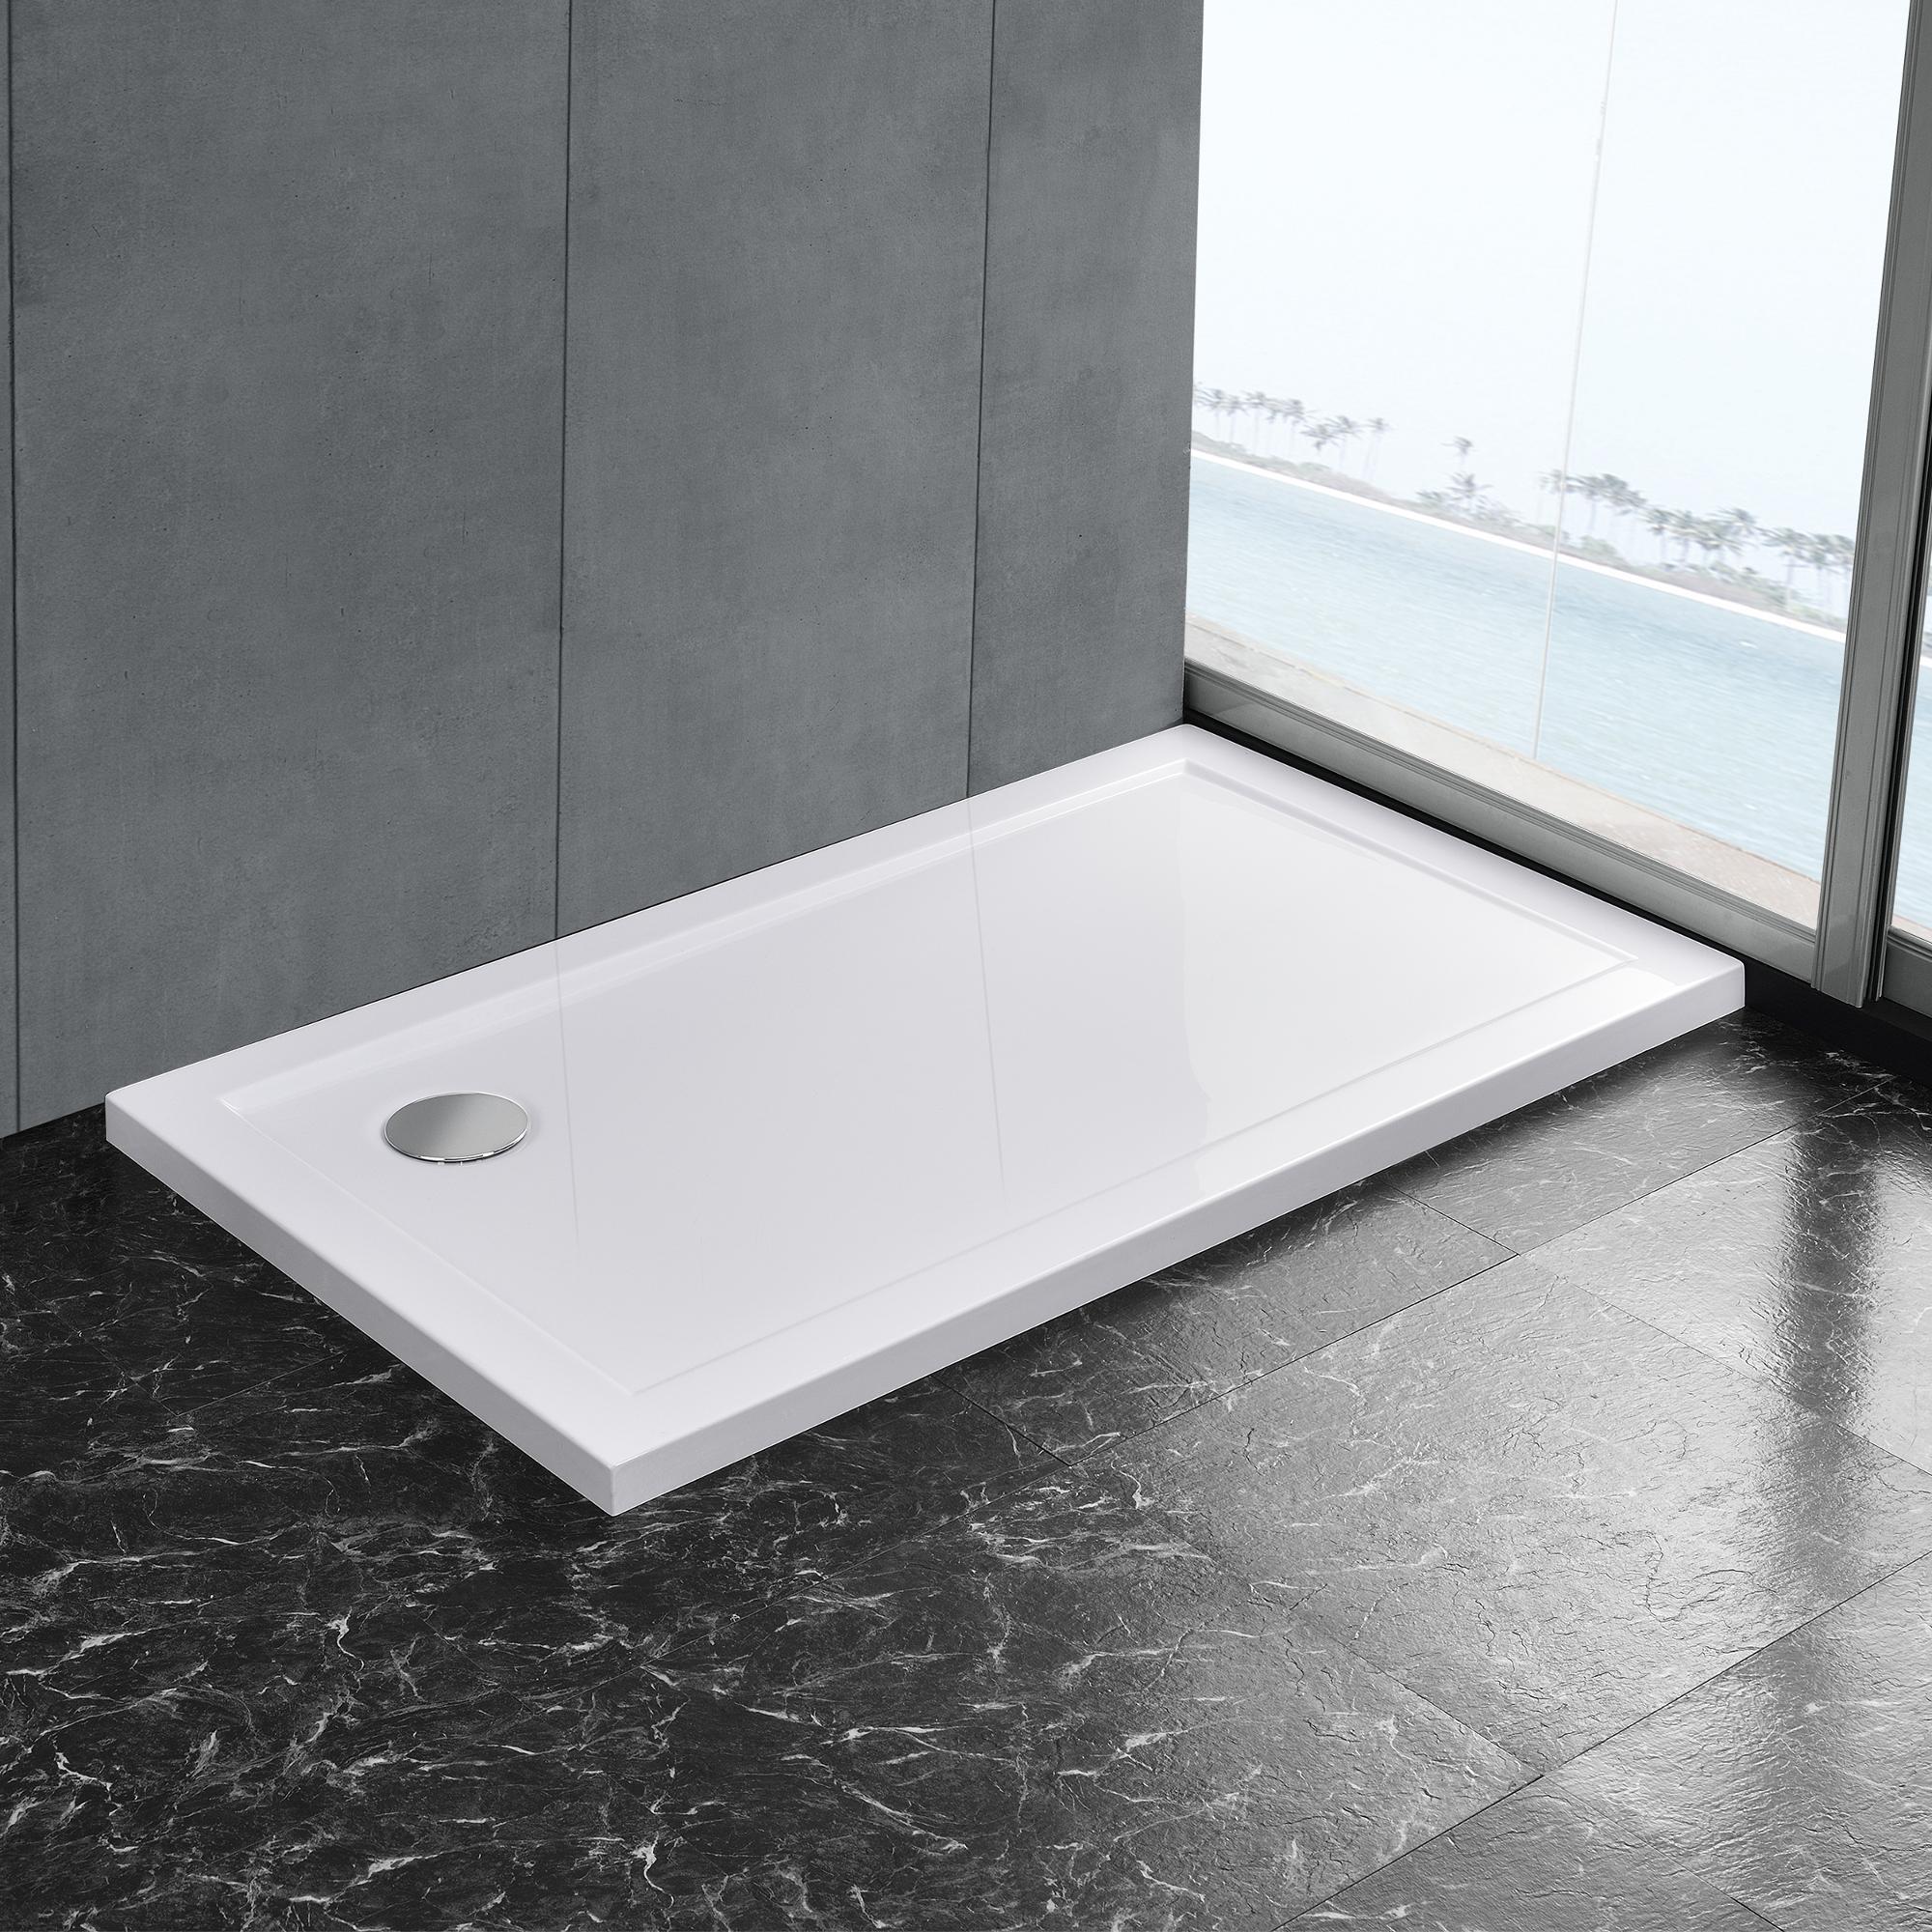 duschwanne reinwei duschtasse extra flach bad qudrat rechteck u form ebay. Black Bedroom Furniture Sets. Home Design Ideas